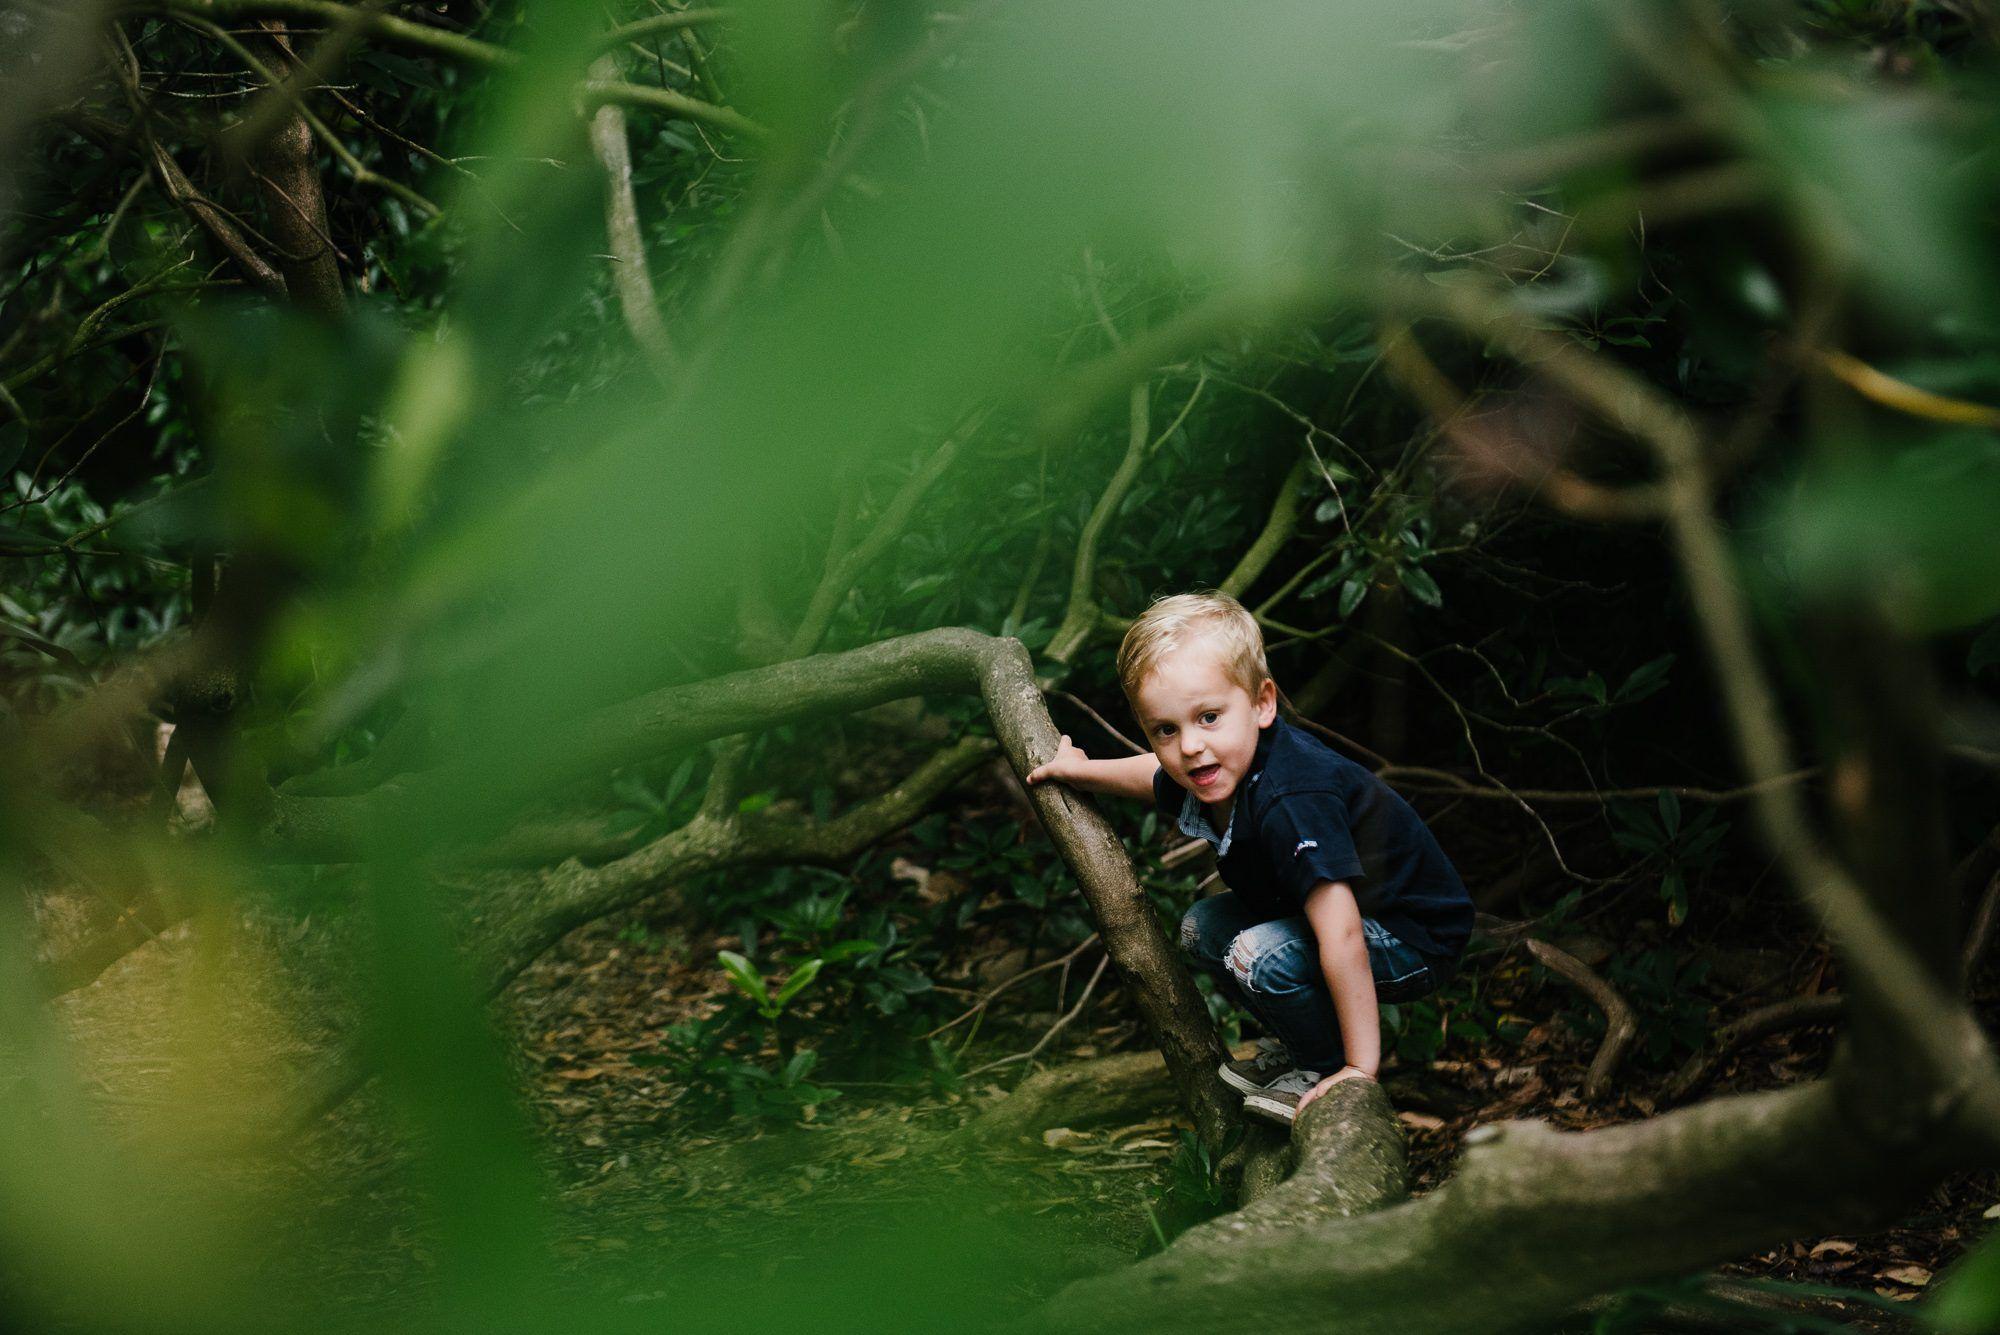 natuurlijke kinderfotografie Rosmalen